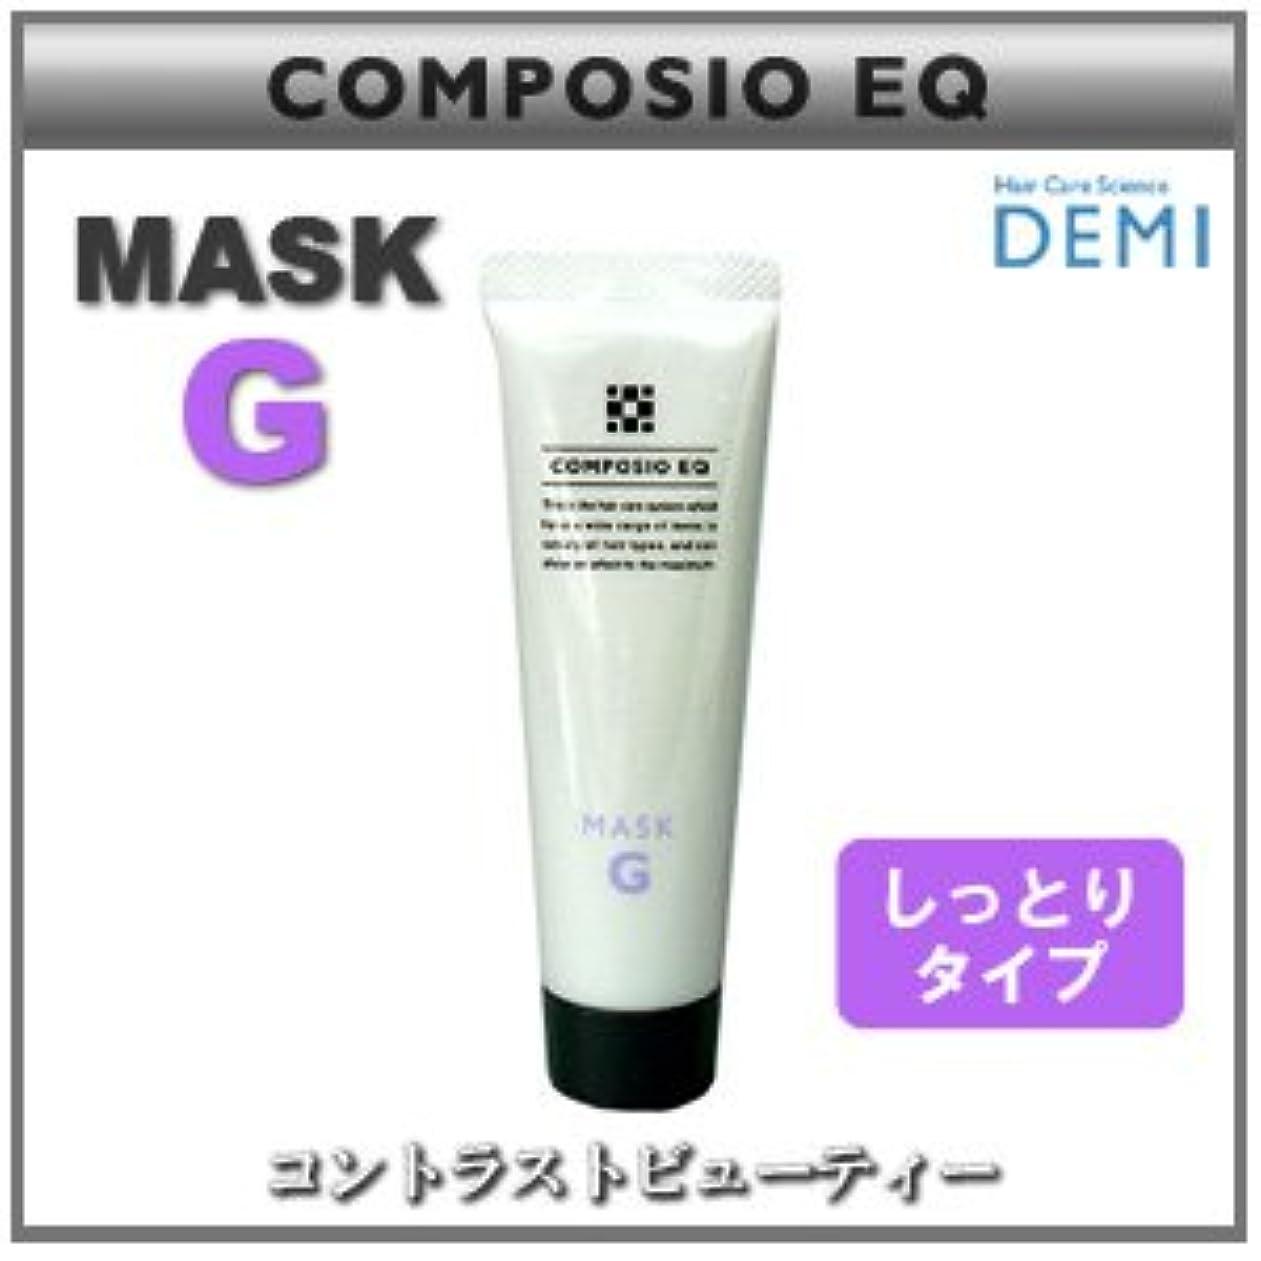 失速市の中心部直面する【X5個セット】 デミ コンポジオ EQ マスク G 50g